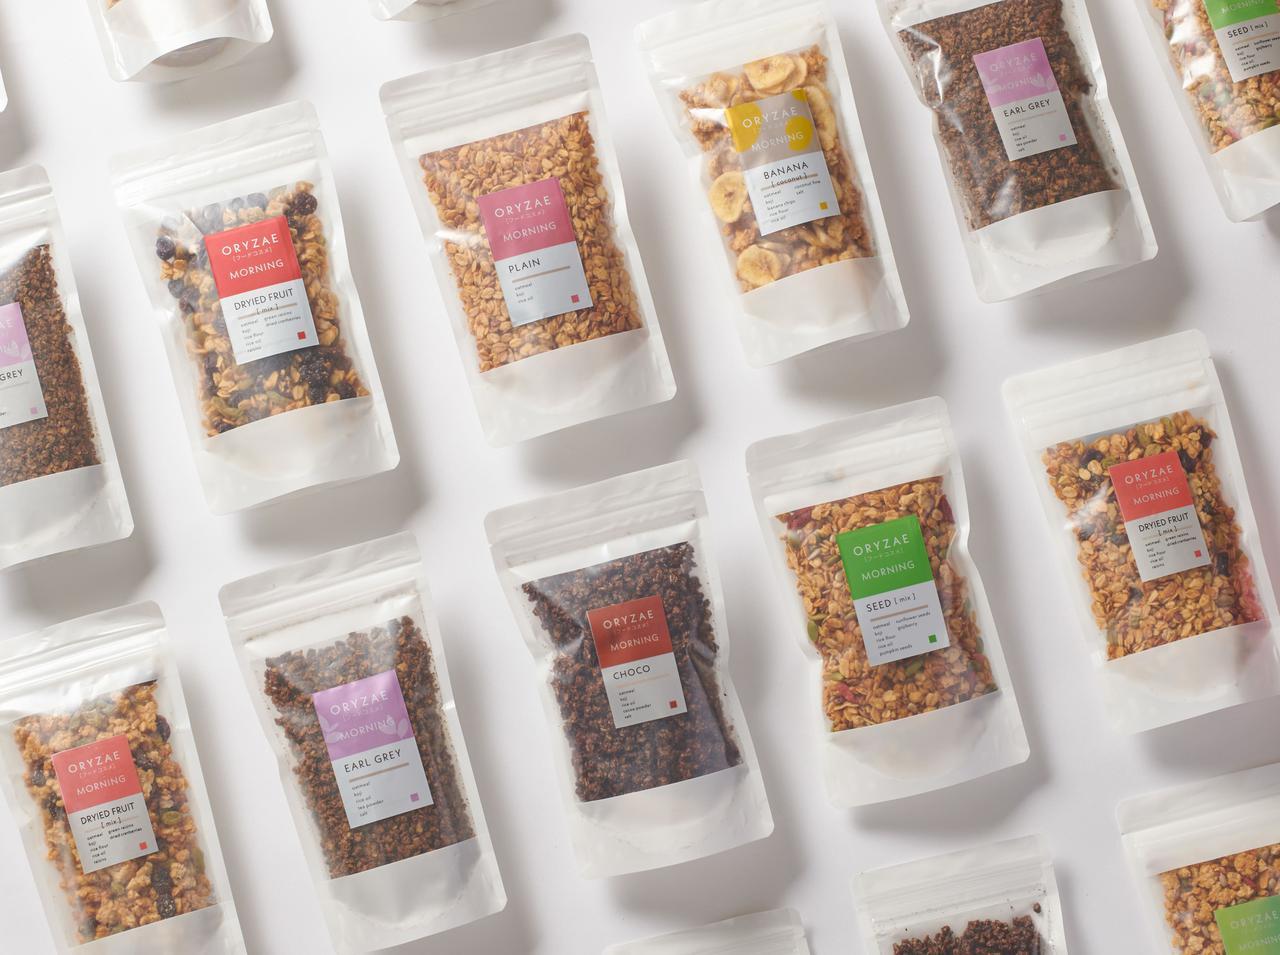 画像: 糖質オフで食物繊維がたっぷりの糀グラノーラ「ORYZAE MORNING」